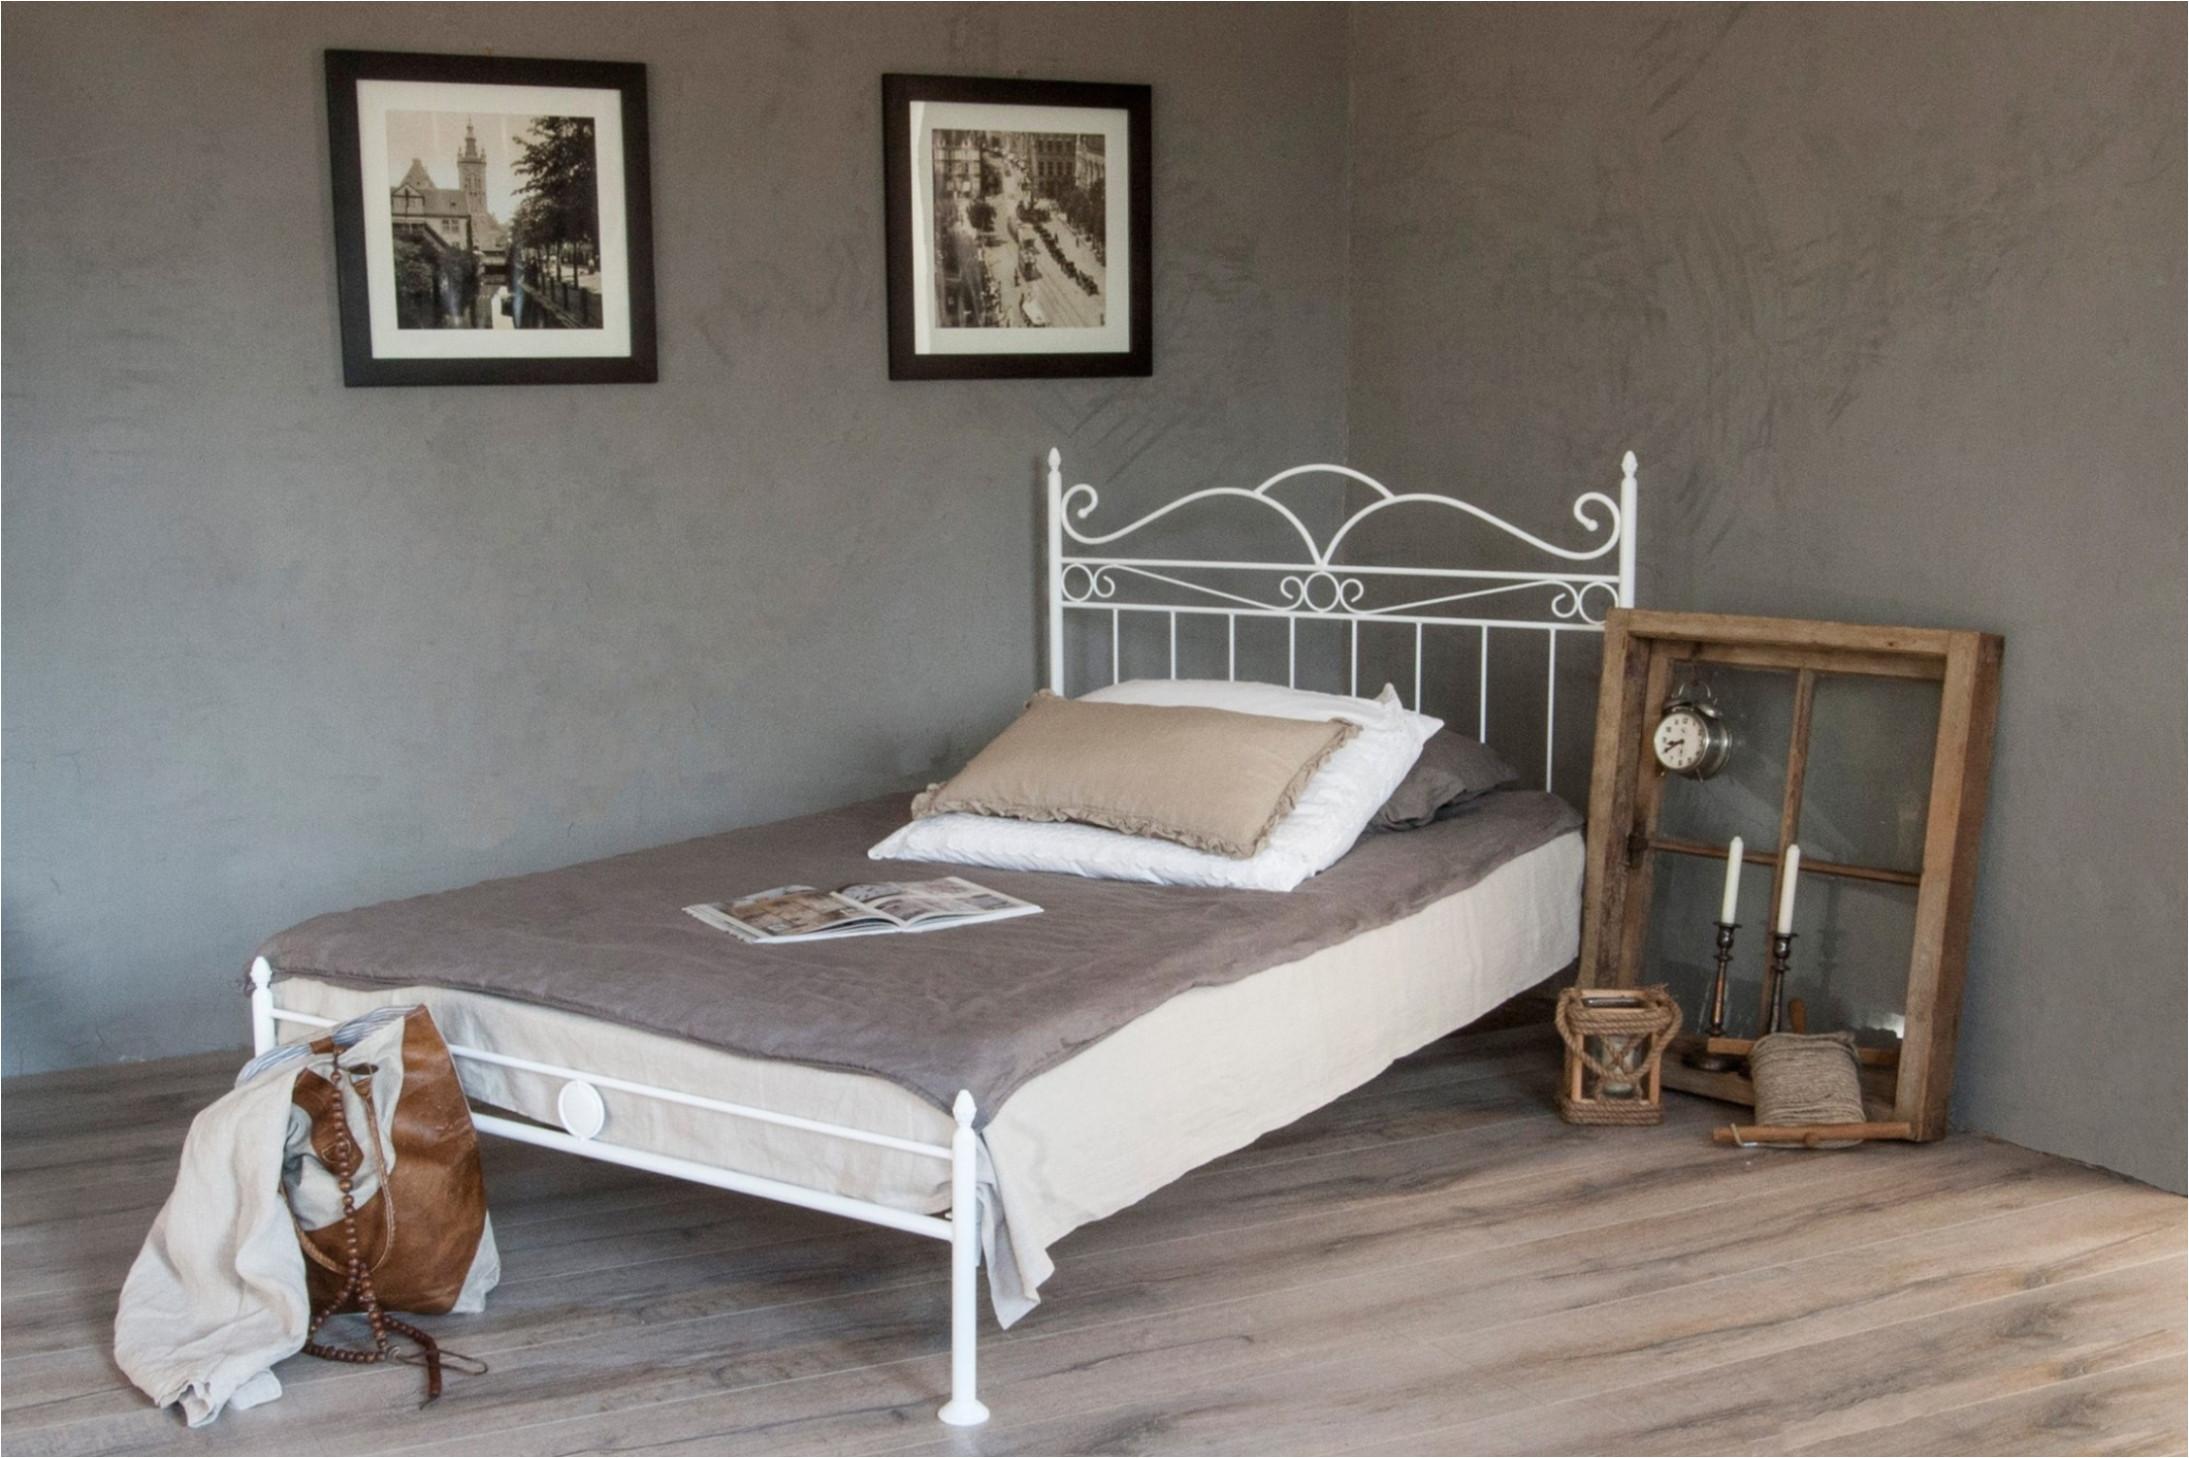 Ikea Slatted Bed Base Vs Box Spring King Bed Frames Rabbssteak House